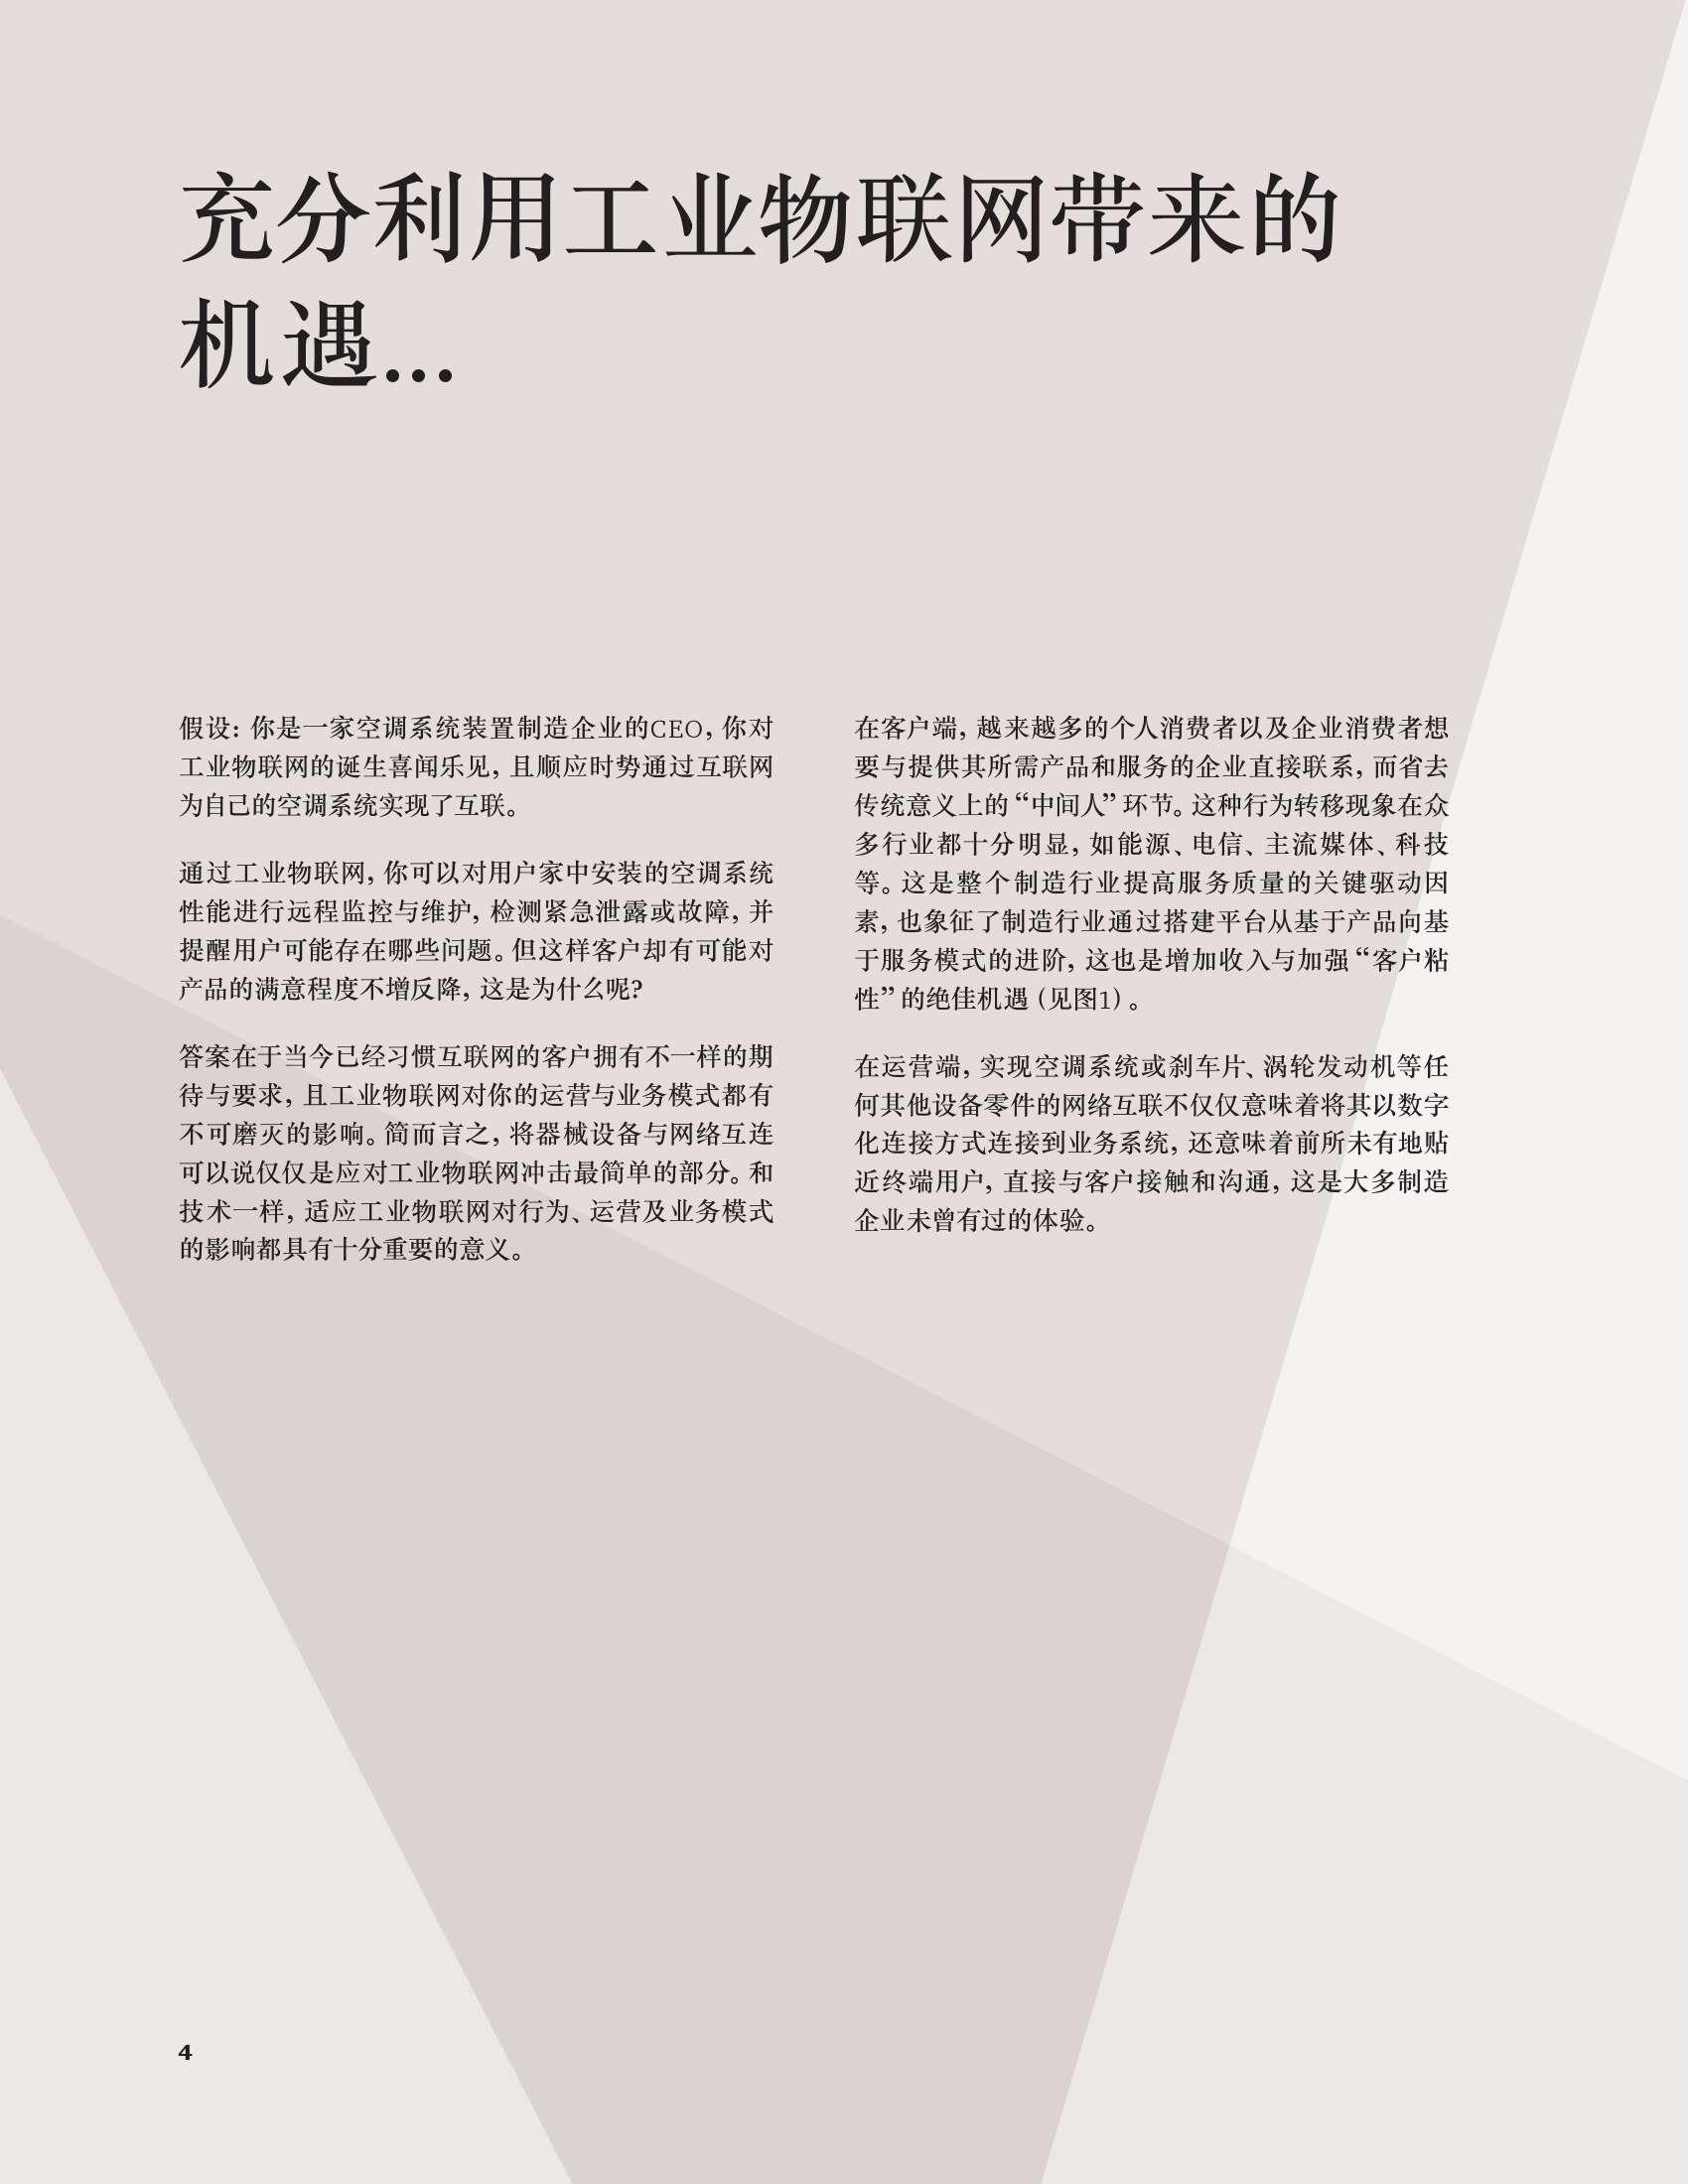 工业互联网_000006